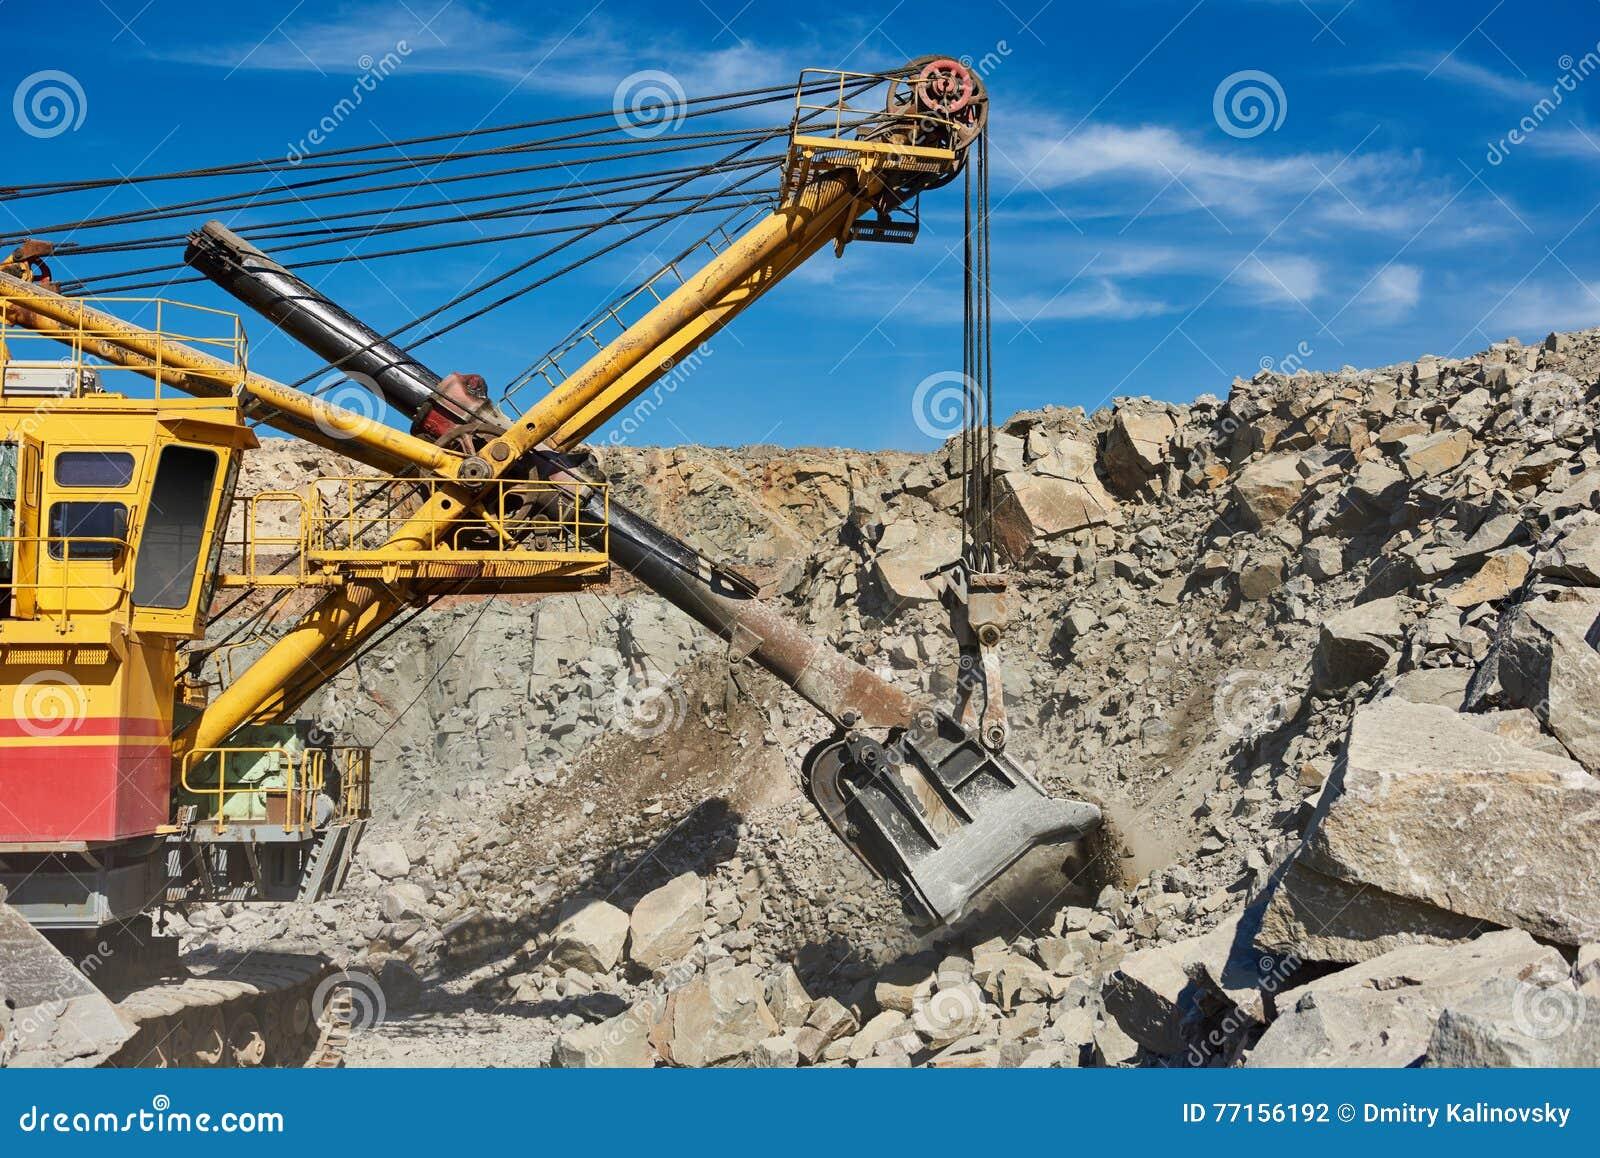 L excavatrice fonctionne avec le granit ou le minerai à l extraction à ciel ouvert